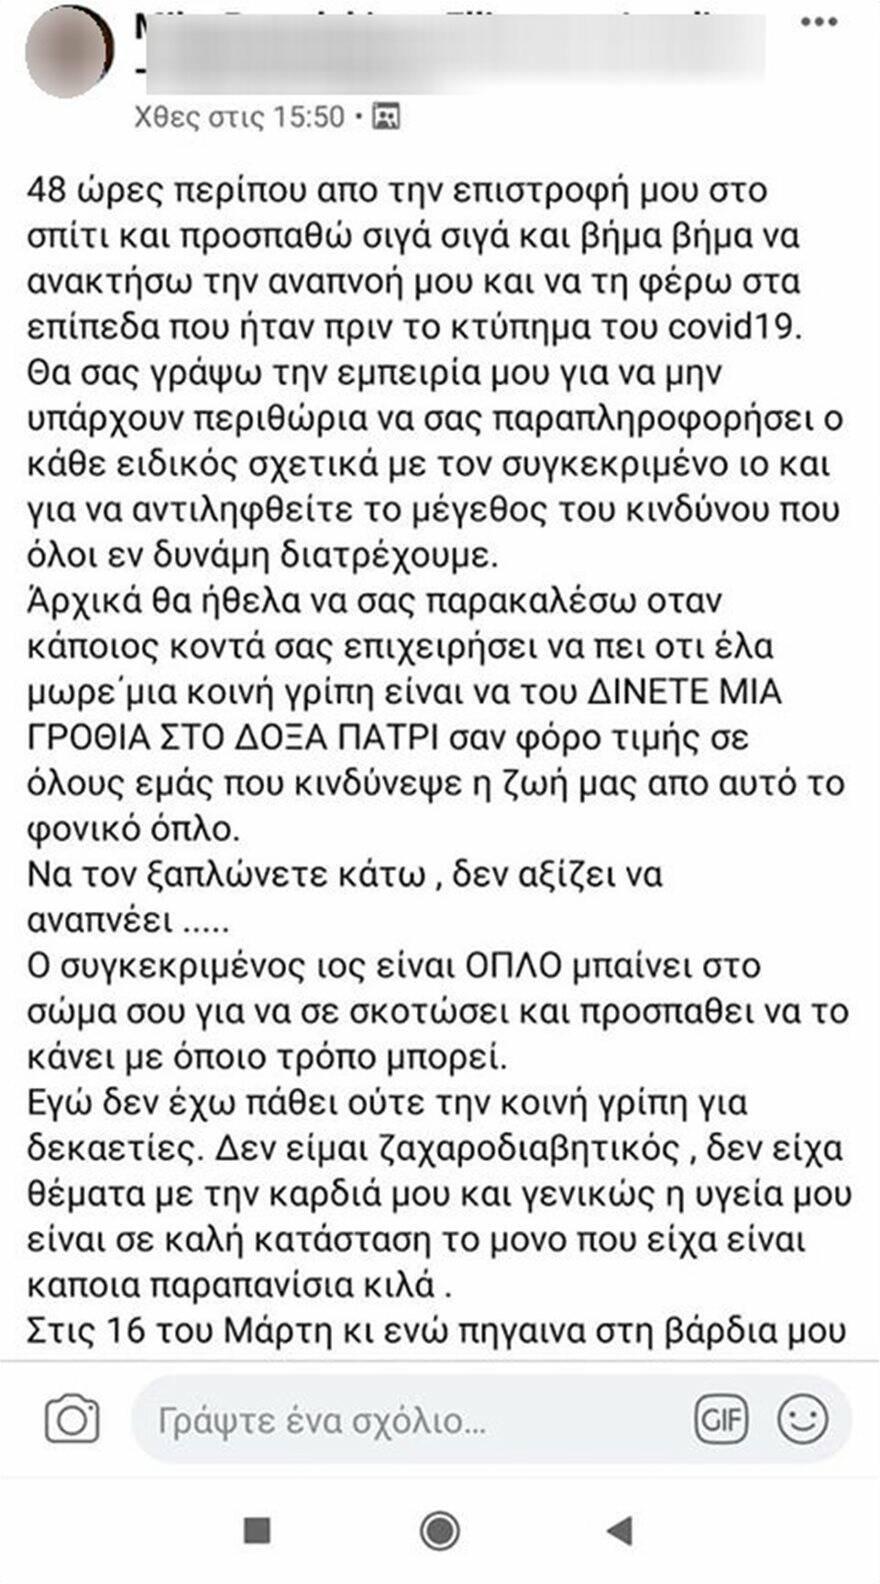 Κορονοϊός: Έλληνας περιγράφει την εφιαλτική νοσηλεία του στη Μεγάλη Βρετανία